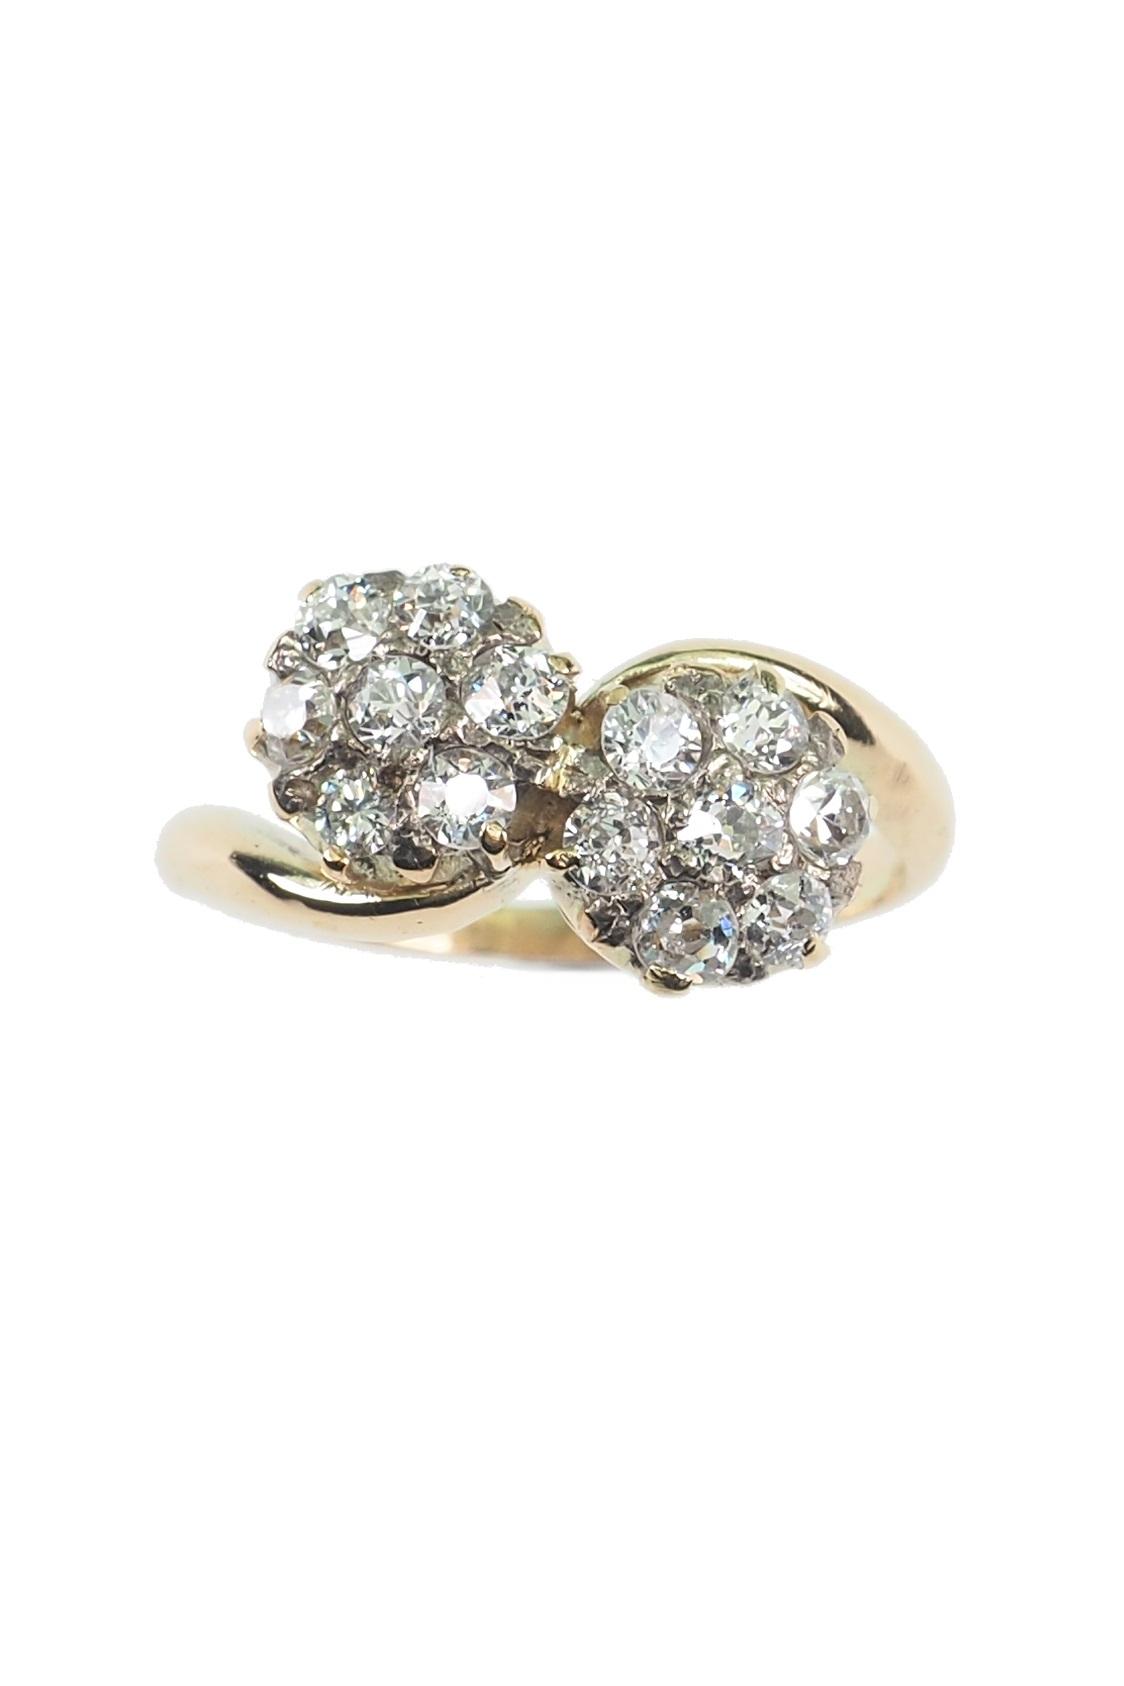 antike-Verlobungsringe-kaufen-2690